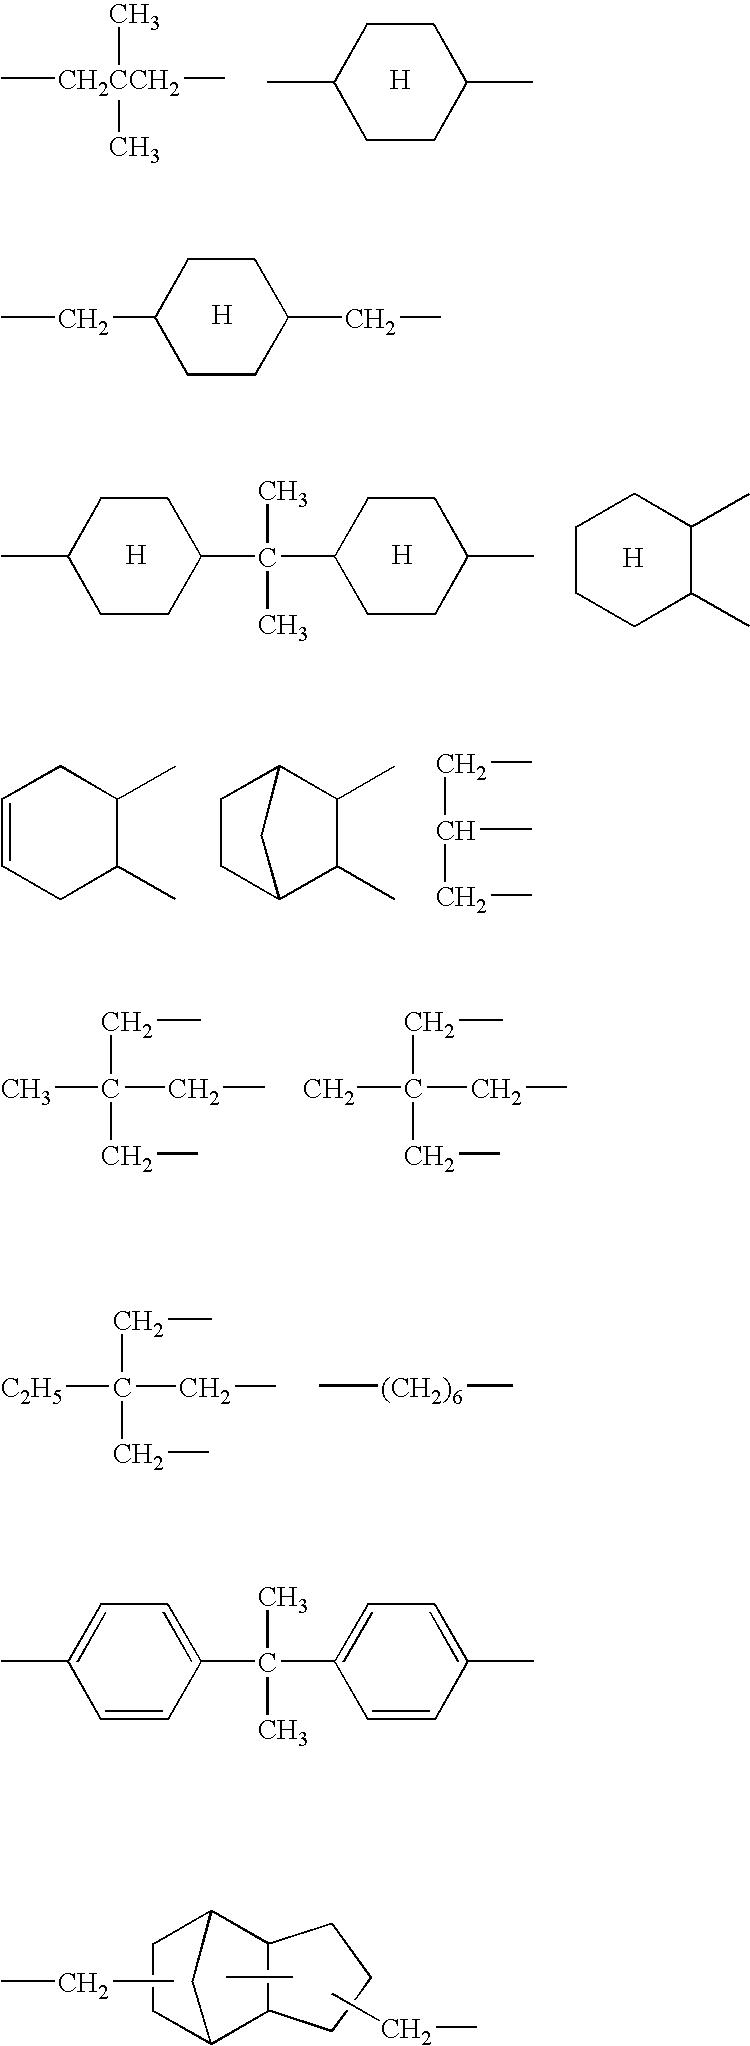 Figure US20070225404A1-20070927-C00016